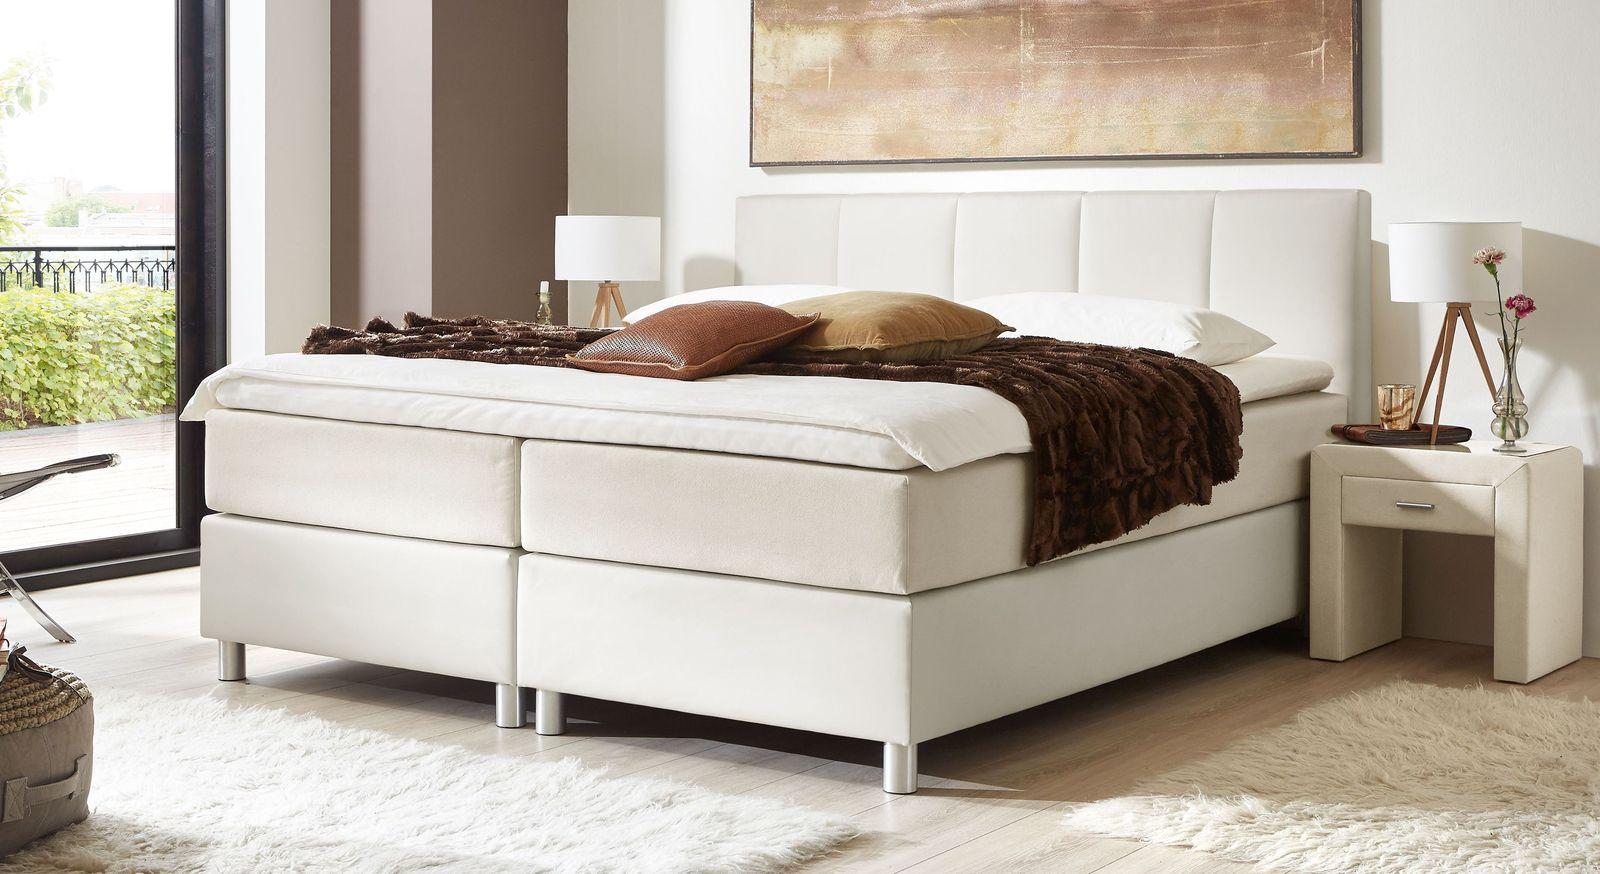 66 cm hohes Boxspringbett Greenwood aus weißem Kunstleder und cremefarbenem Stoff